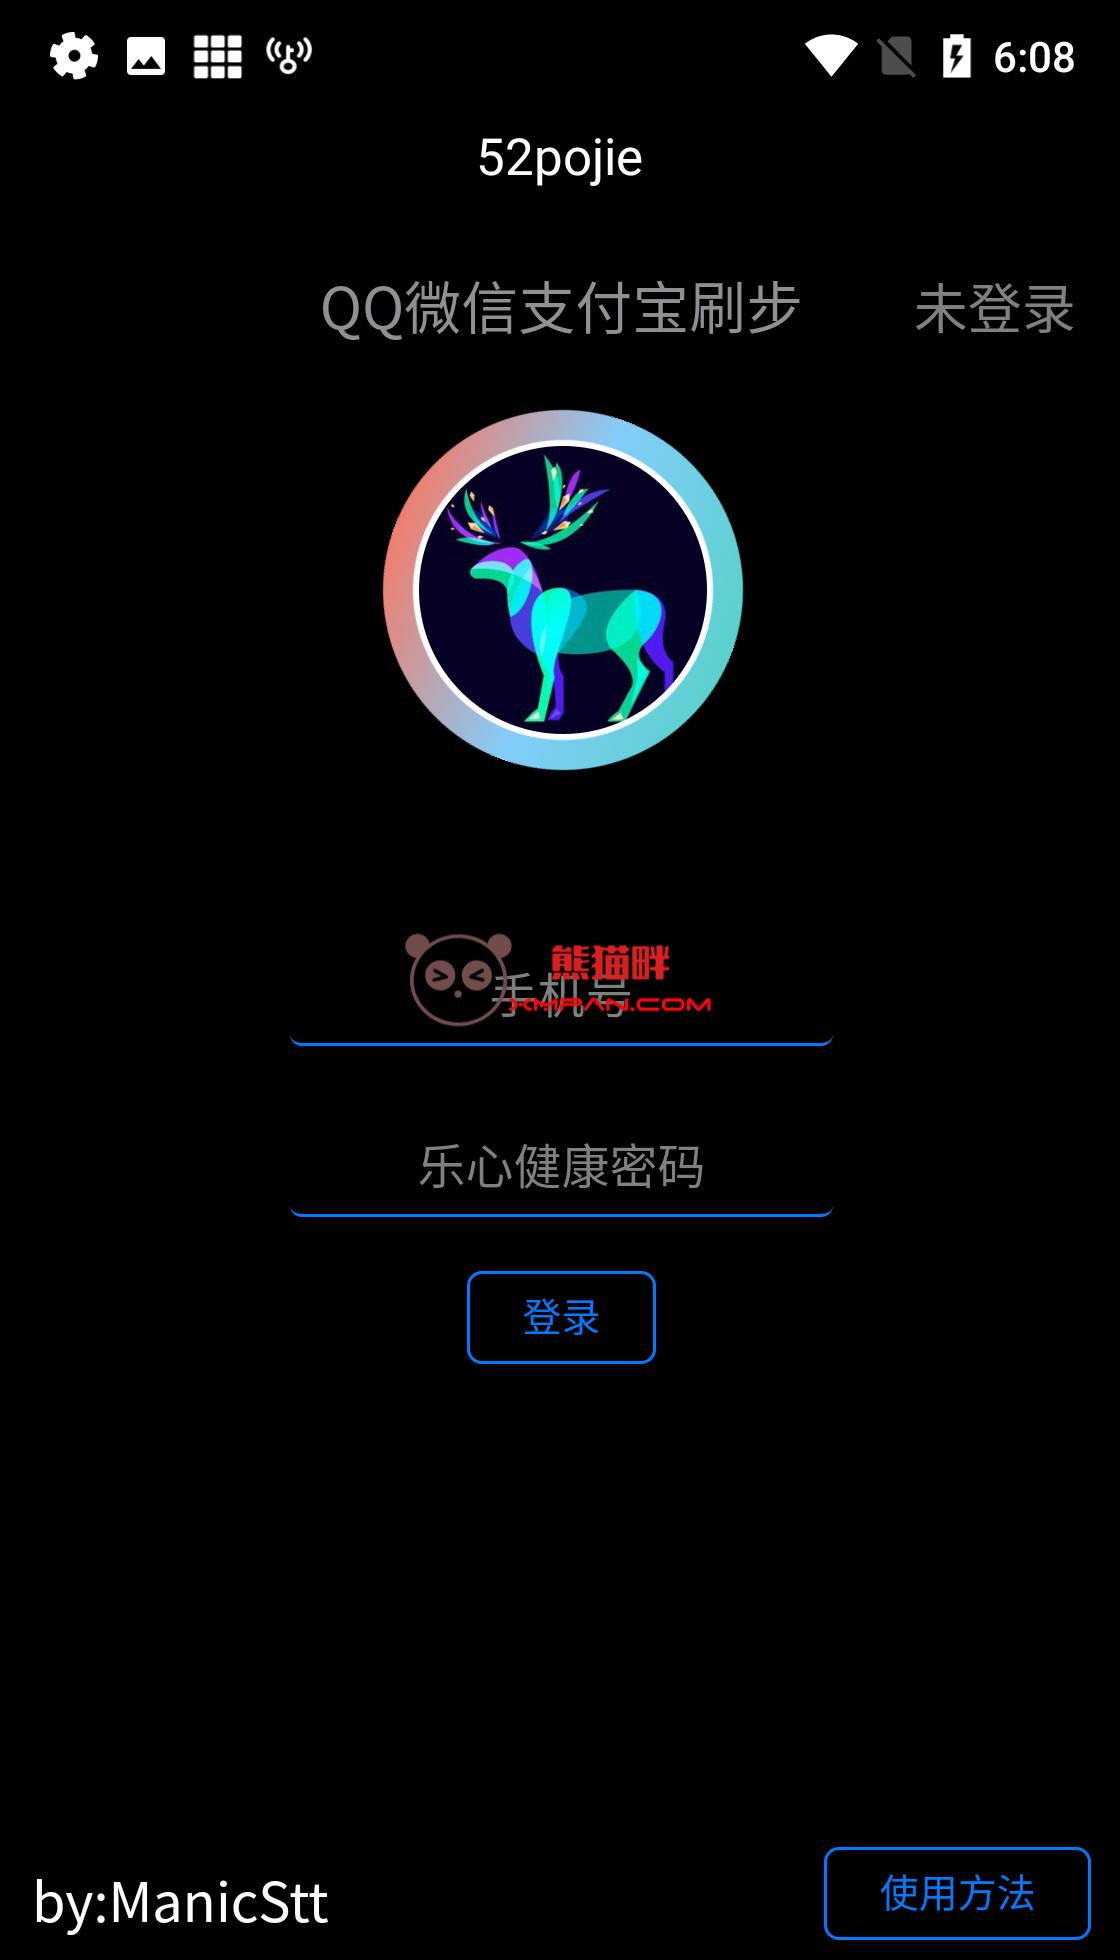 微信QQ支付宝刷步免ROOT安卓app(已更新)